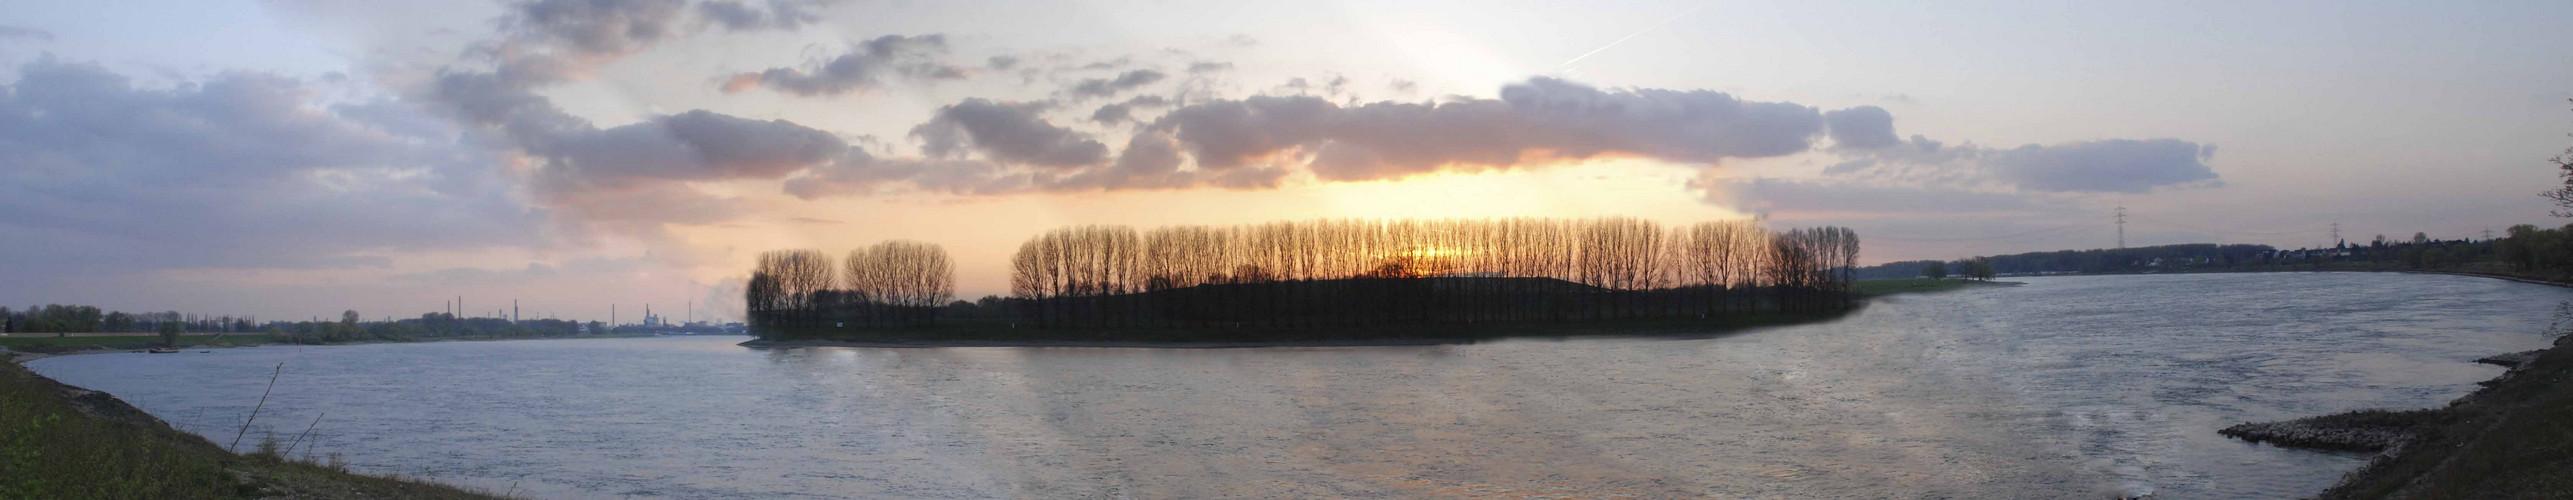 Rheinbogen in Monheim